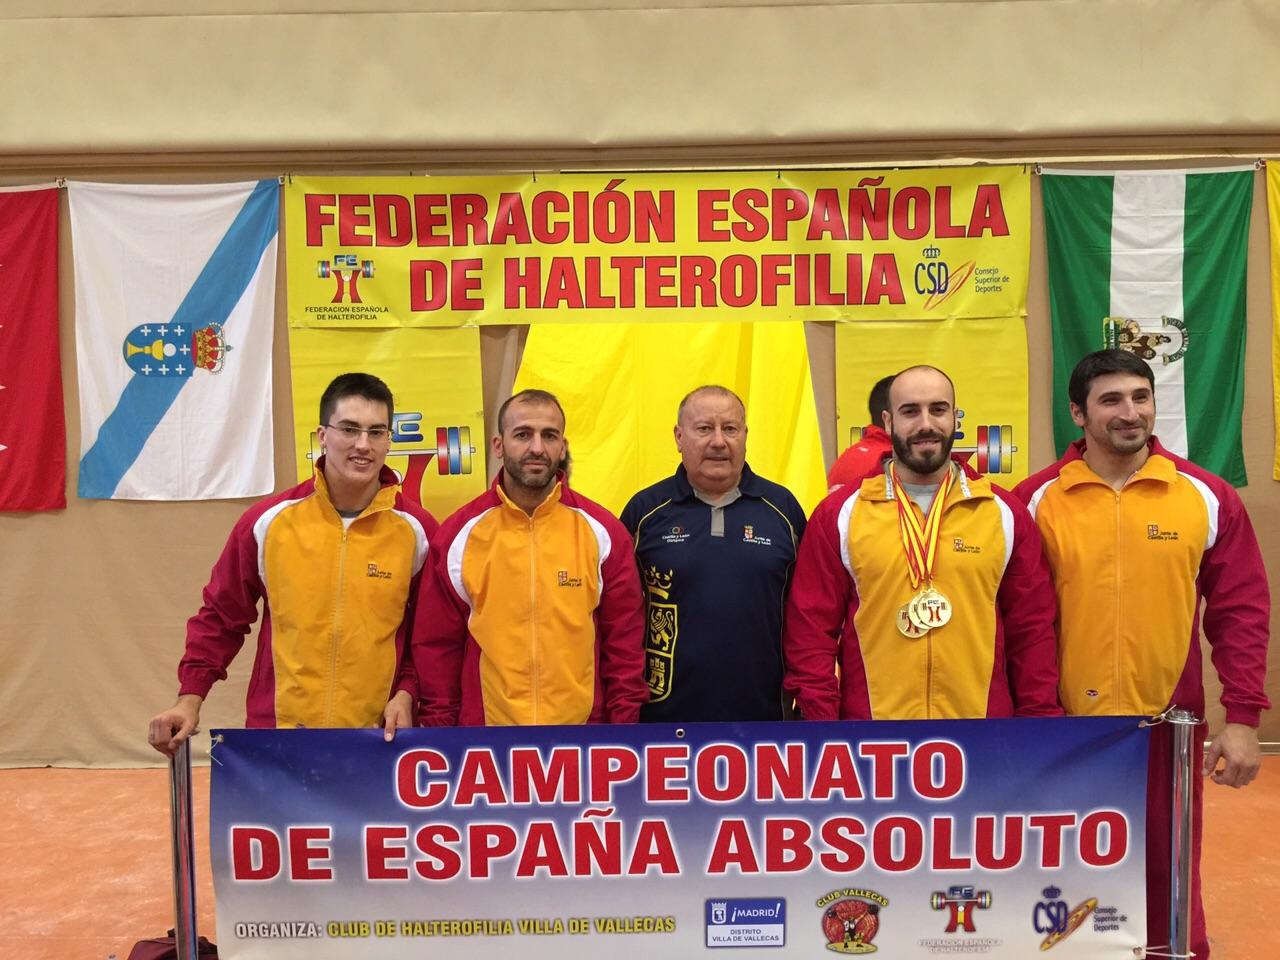 El haltera de la Universidad de Salamanca Ismael Alonso se alza con tres medallas de oro en el Campeonato de España Absoluto